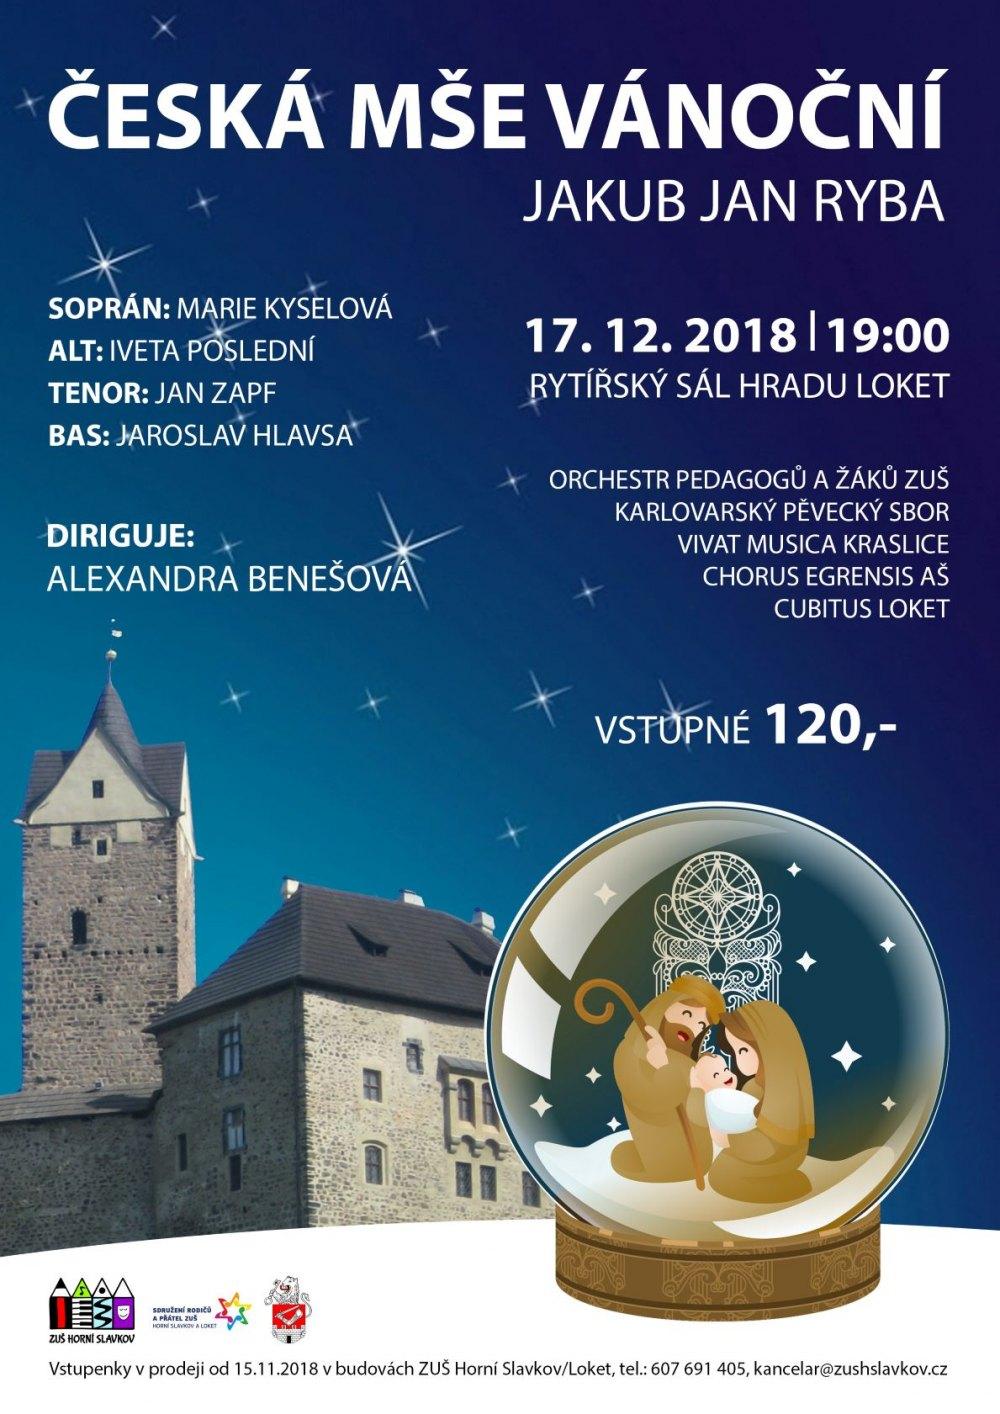 Česká mše vánoční Jakub Jan Ryba